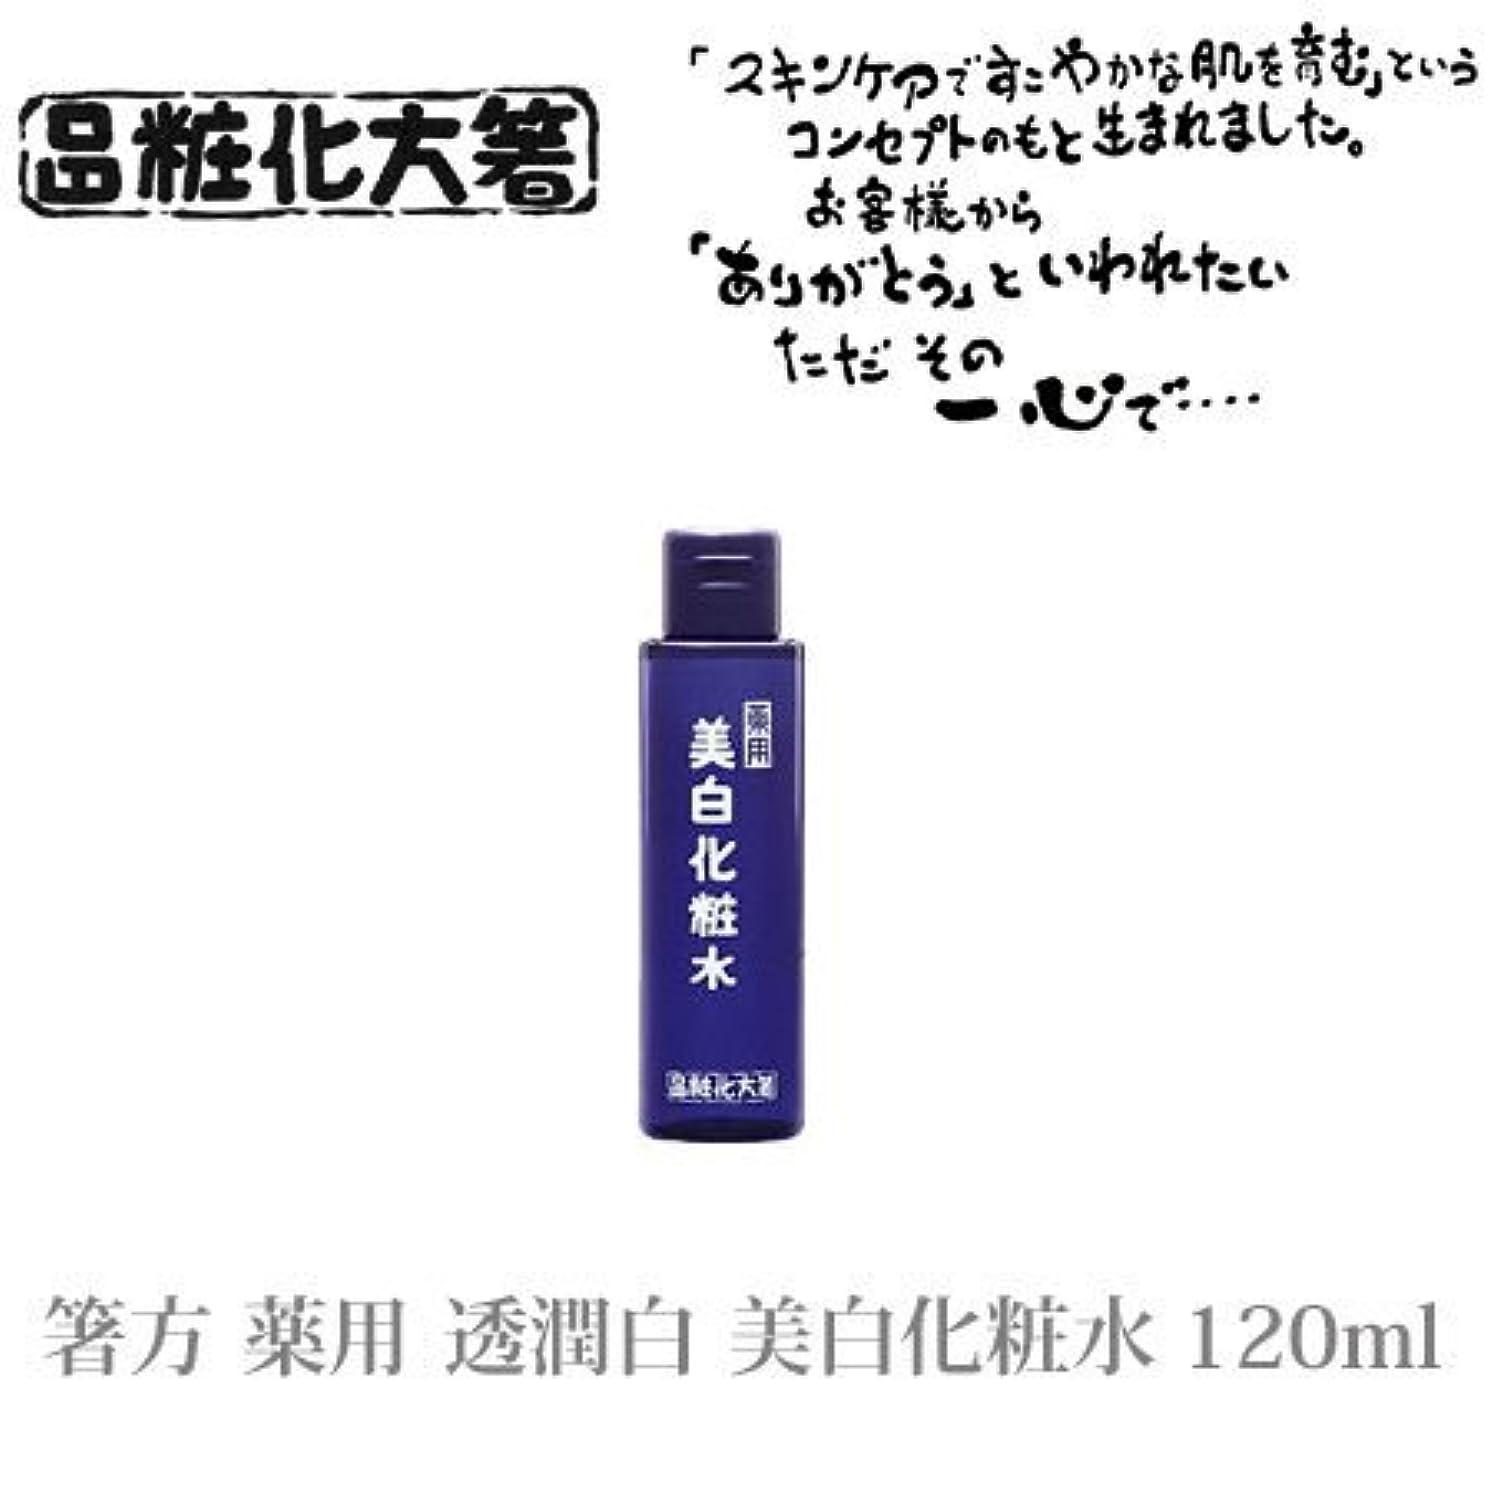 エンジニア宿泊施設ディレクトリ箸方化粧品 薬用 透潤白 美白化粧水 120ml はしかた化粧品